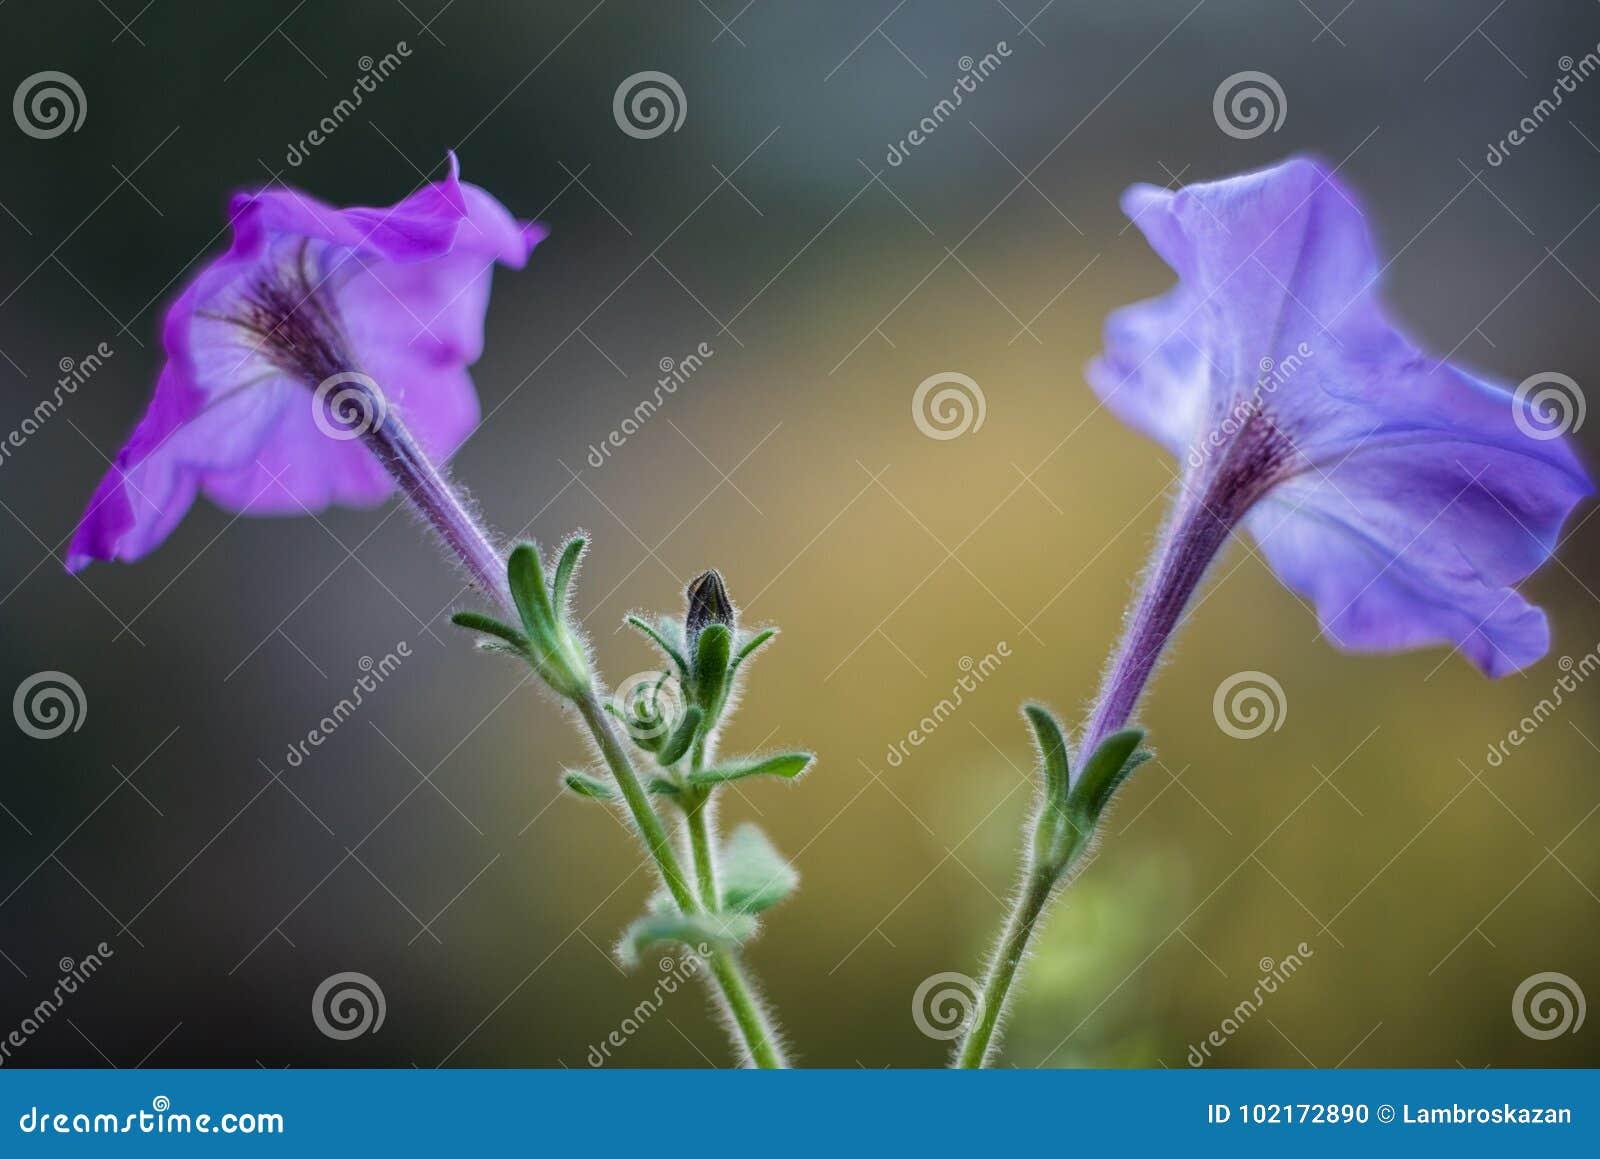 Съемки стиля фиолетовых цветков ретро с отмелым Dept поля